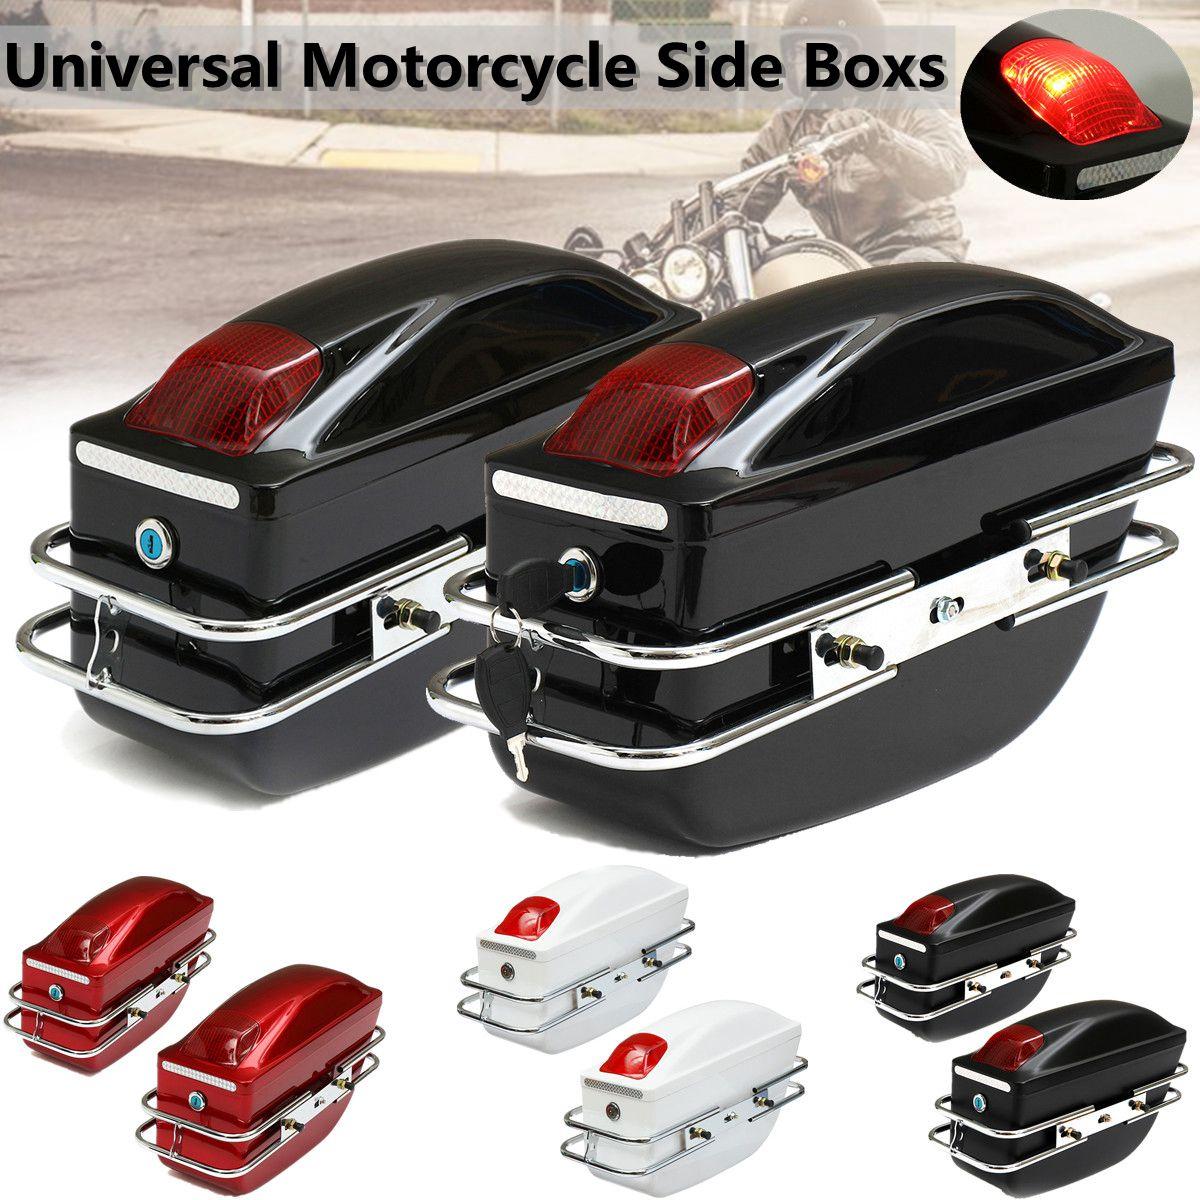 1 paire universel moto latérale Boxs bagages réservoir queue outil sac étui rigide selle sacs pour Kawasaki/Honda